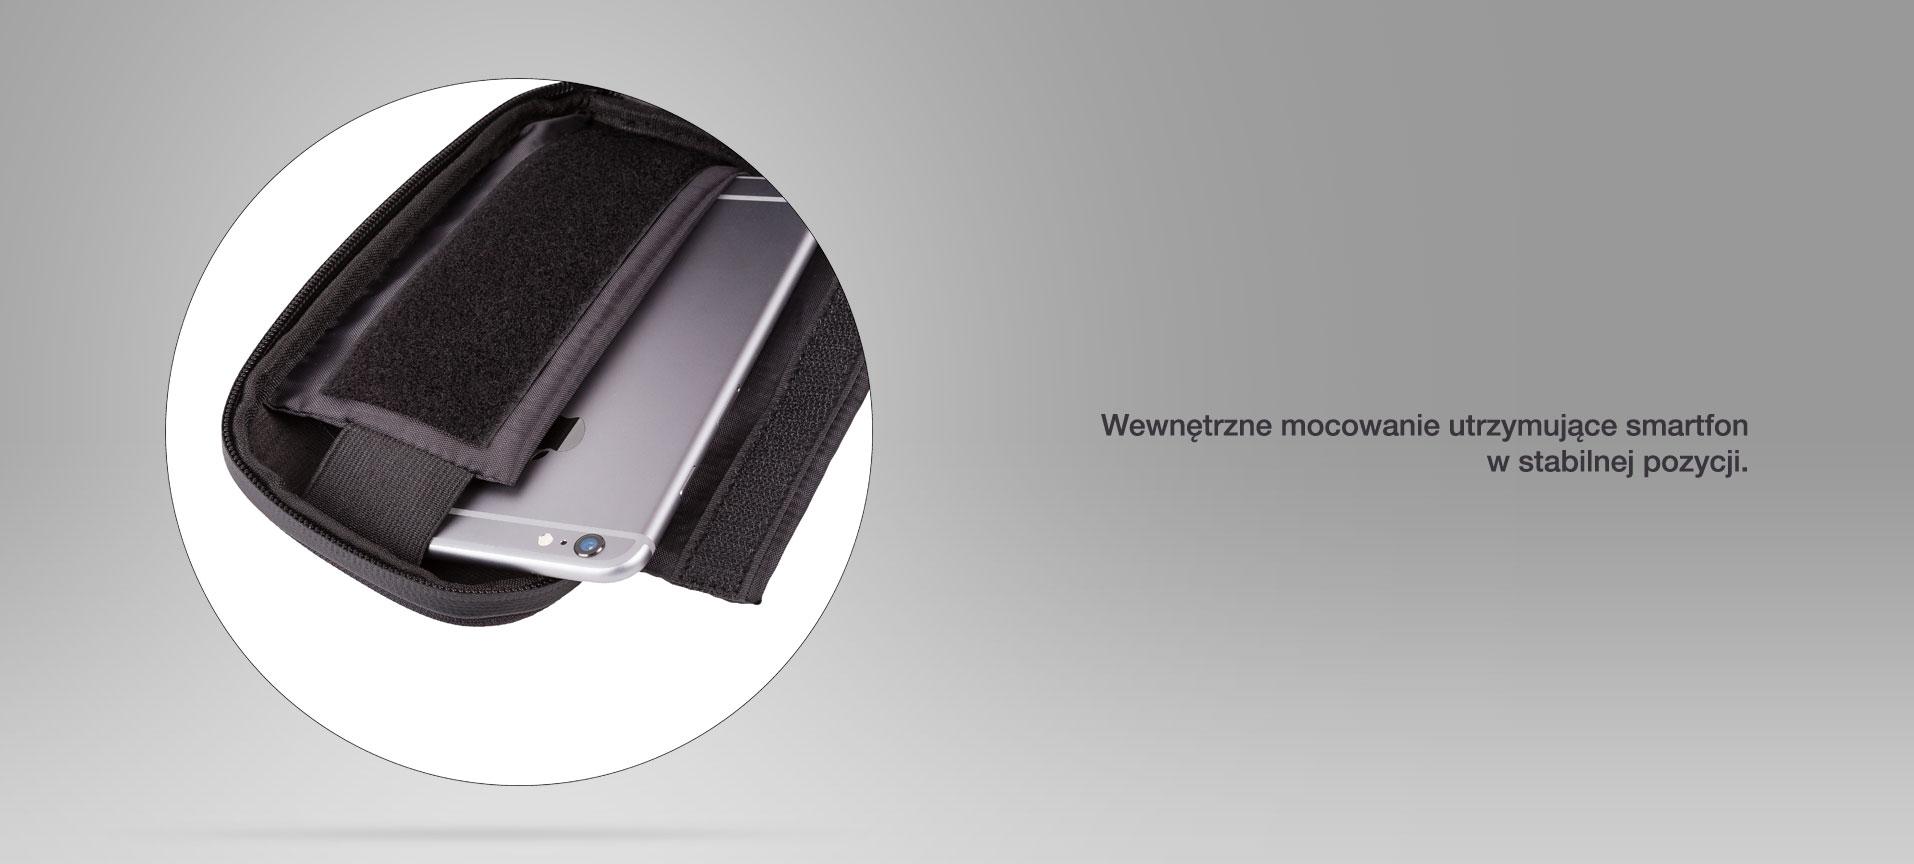 Wewnętrzne mocowanie utrzymujące smartfon w stabilnej pozycji.